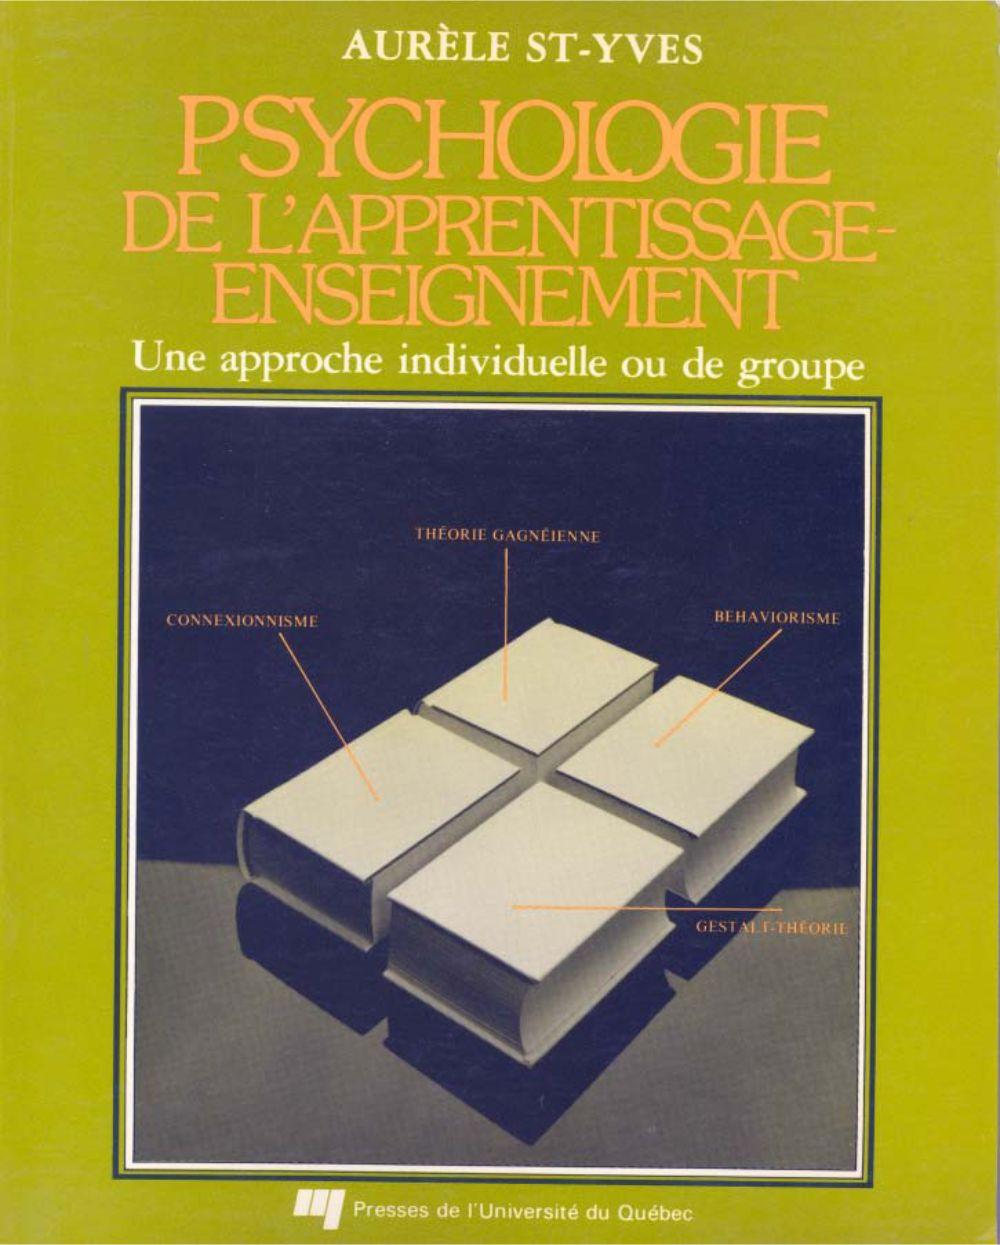 Psychologie de l'apprentissage-enseignement